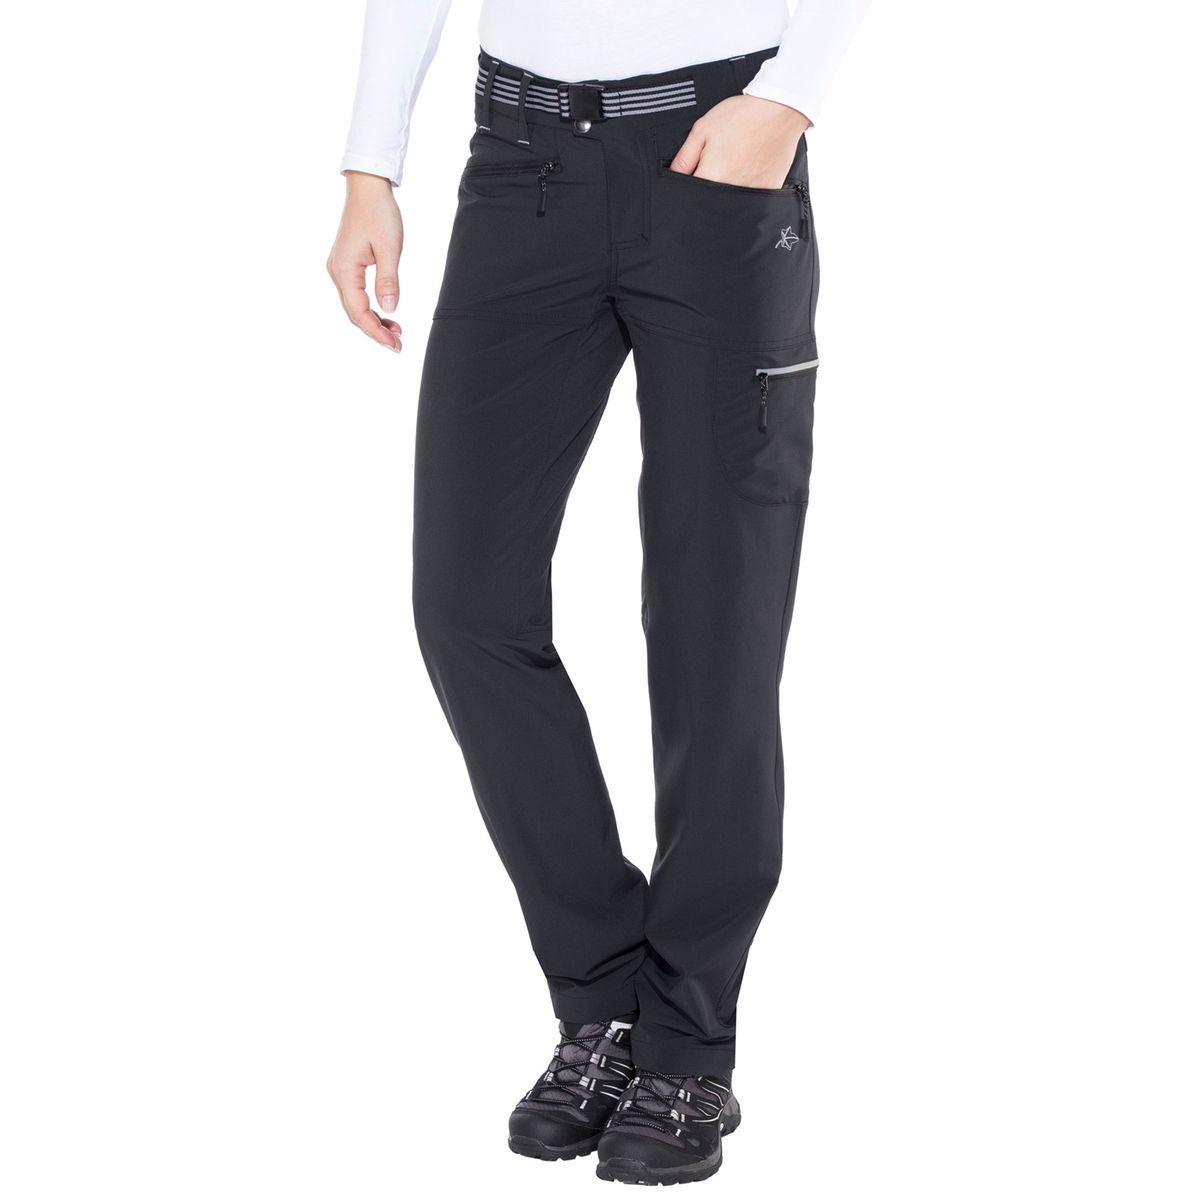 Monte - Pantalon Femme - noir